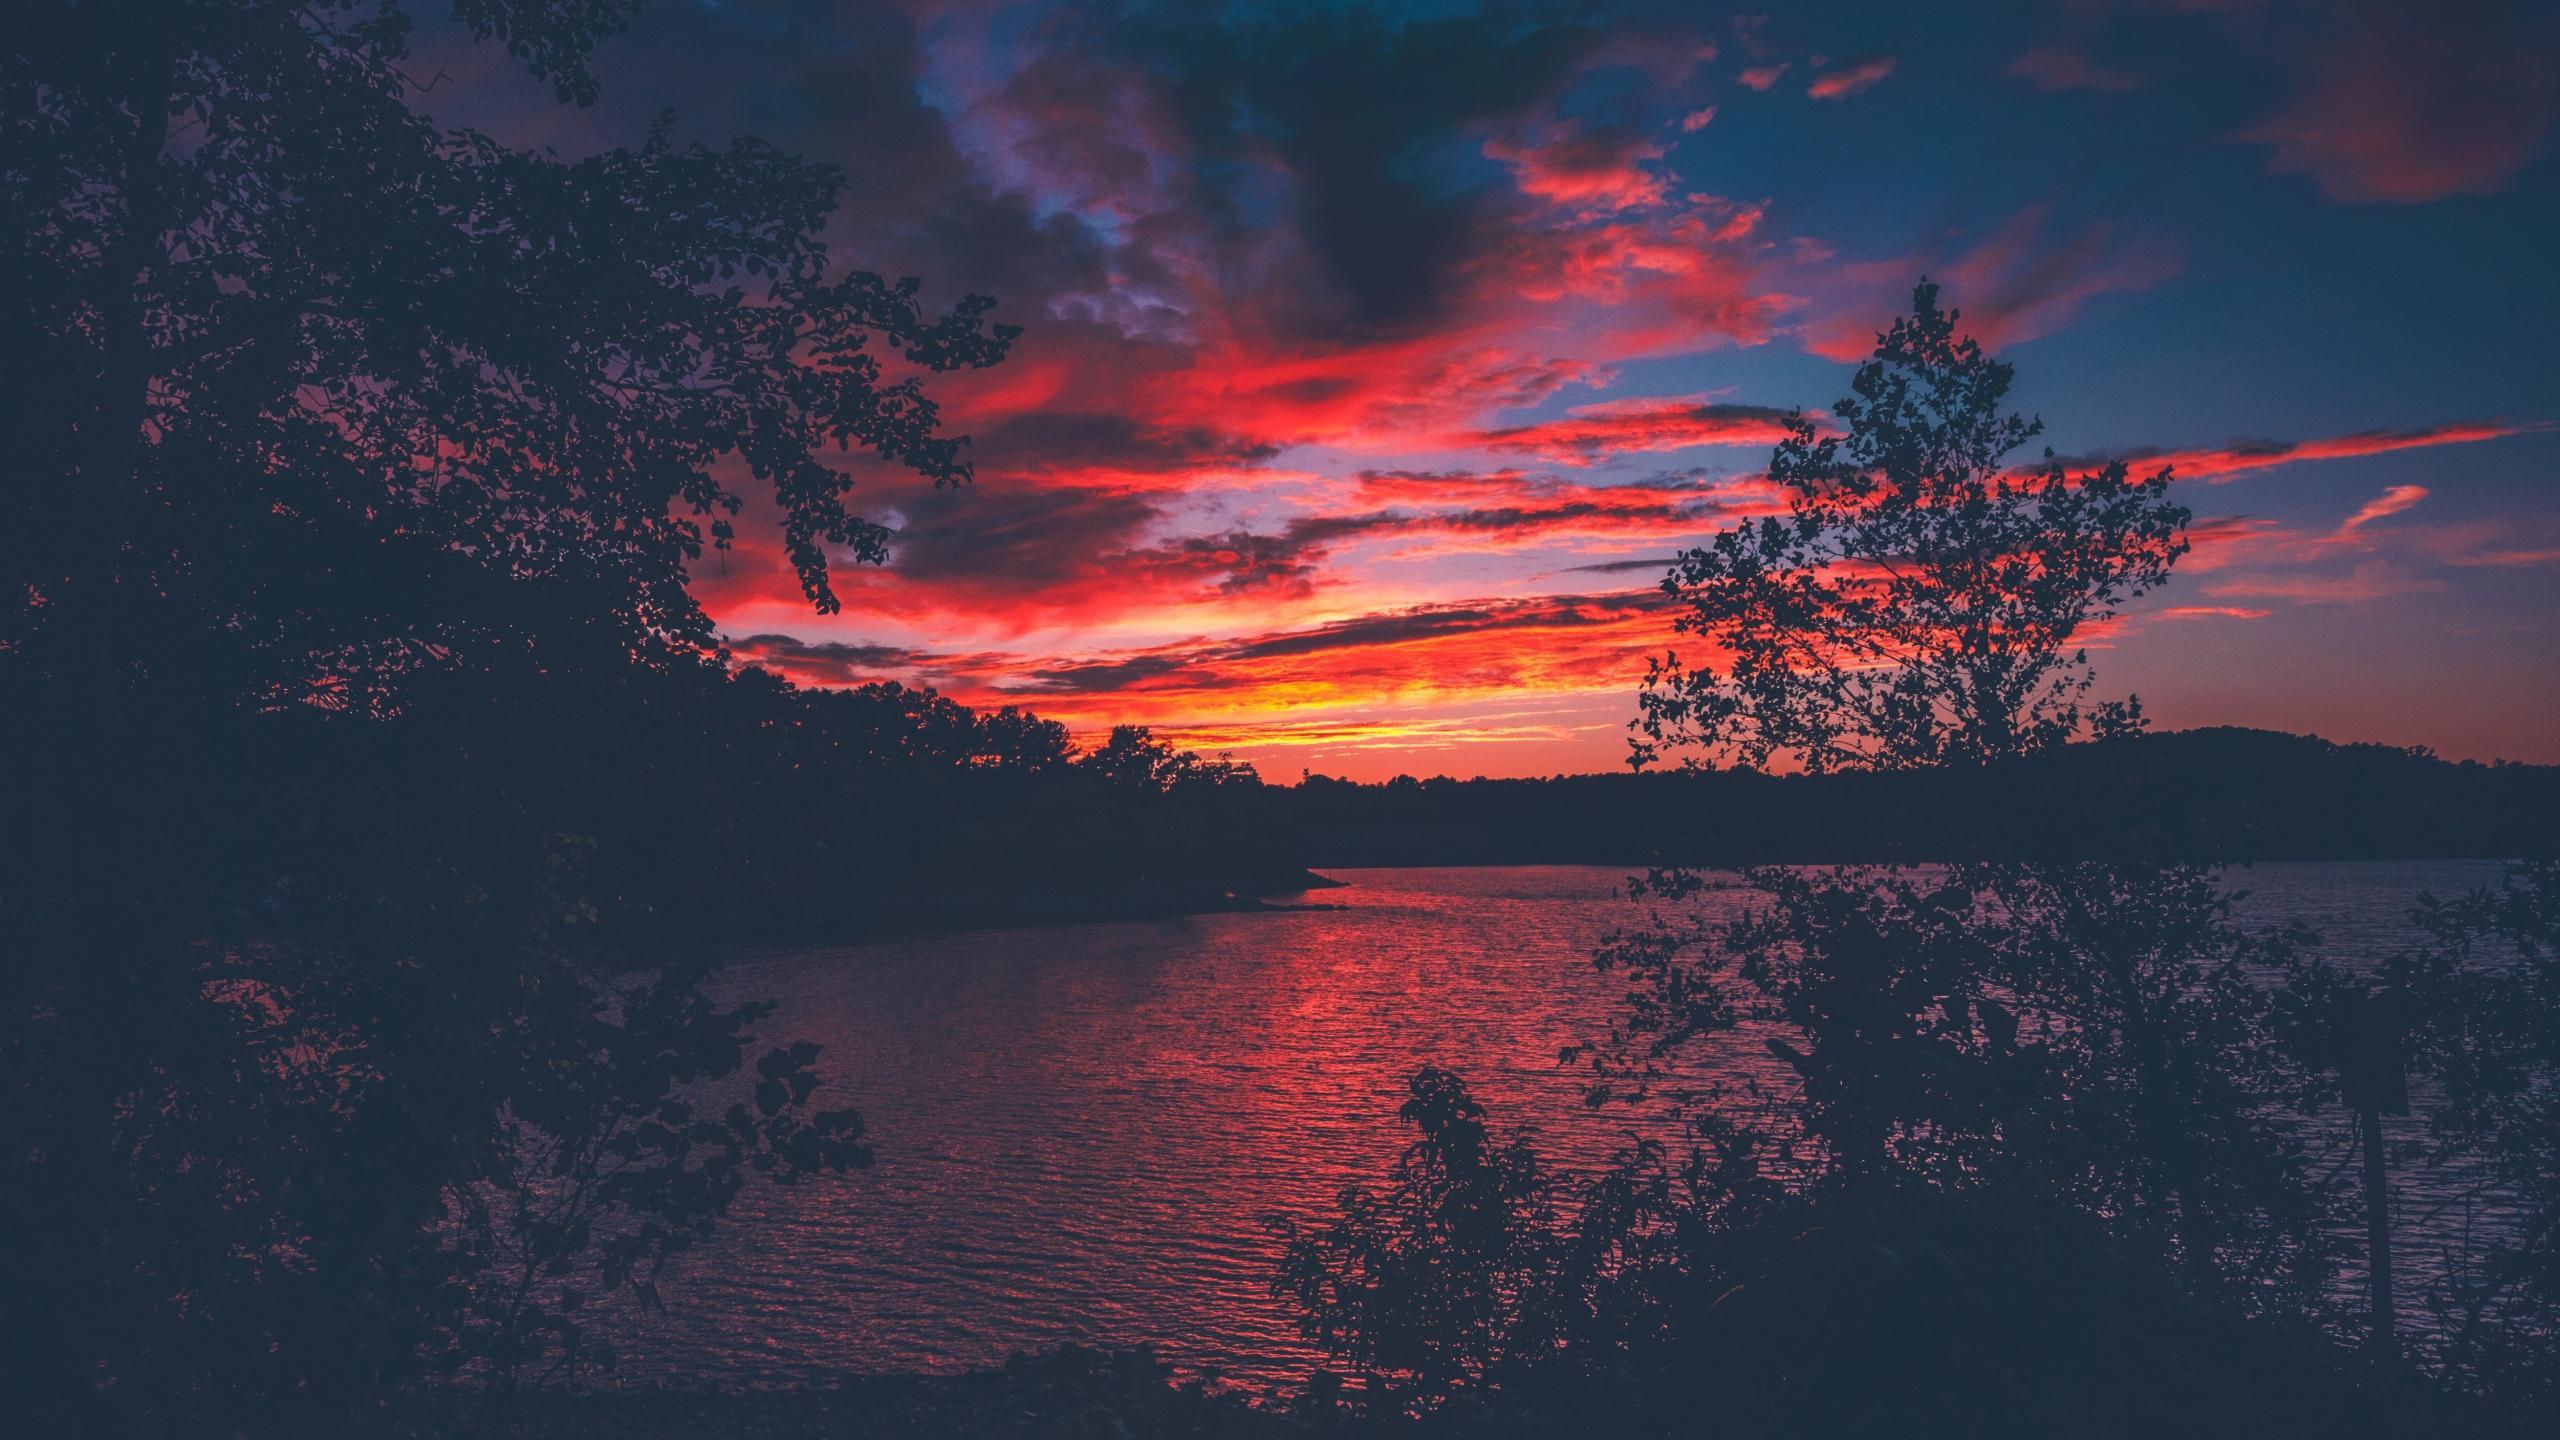 唯美的风景摄影图片高清壁纸下载